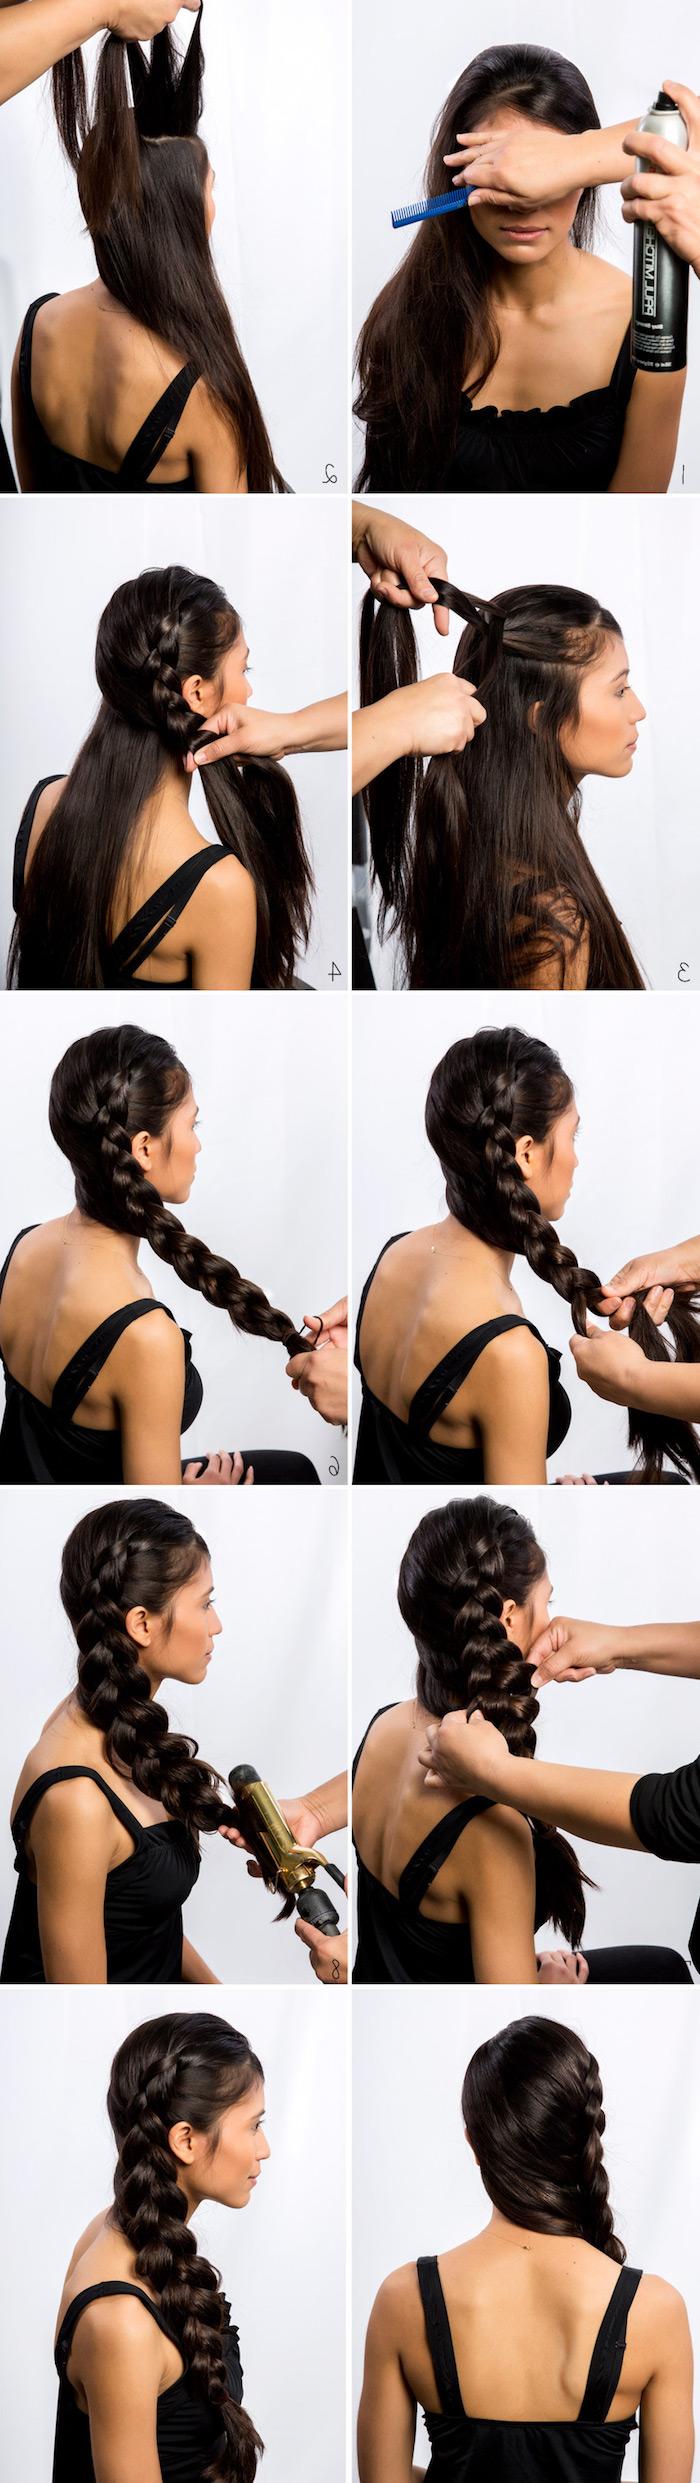 flechtfrisuren einfach, lange glatte schwarze haare, großer zopf binden, seitenzopf, frauenfrisuren